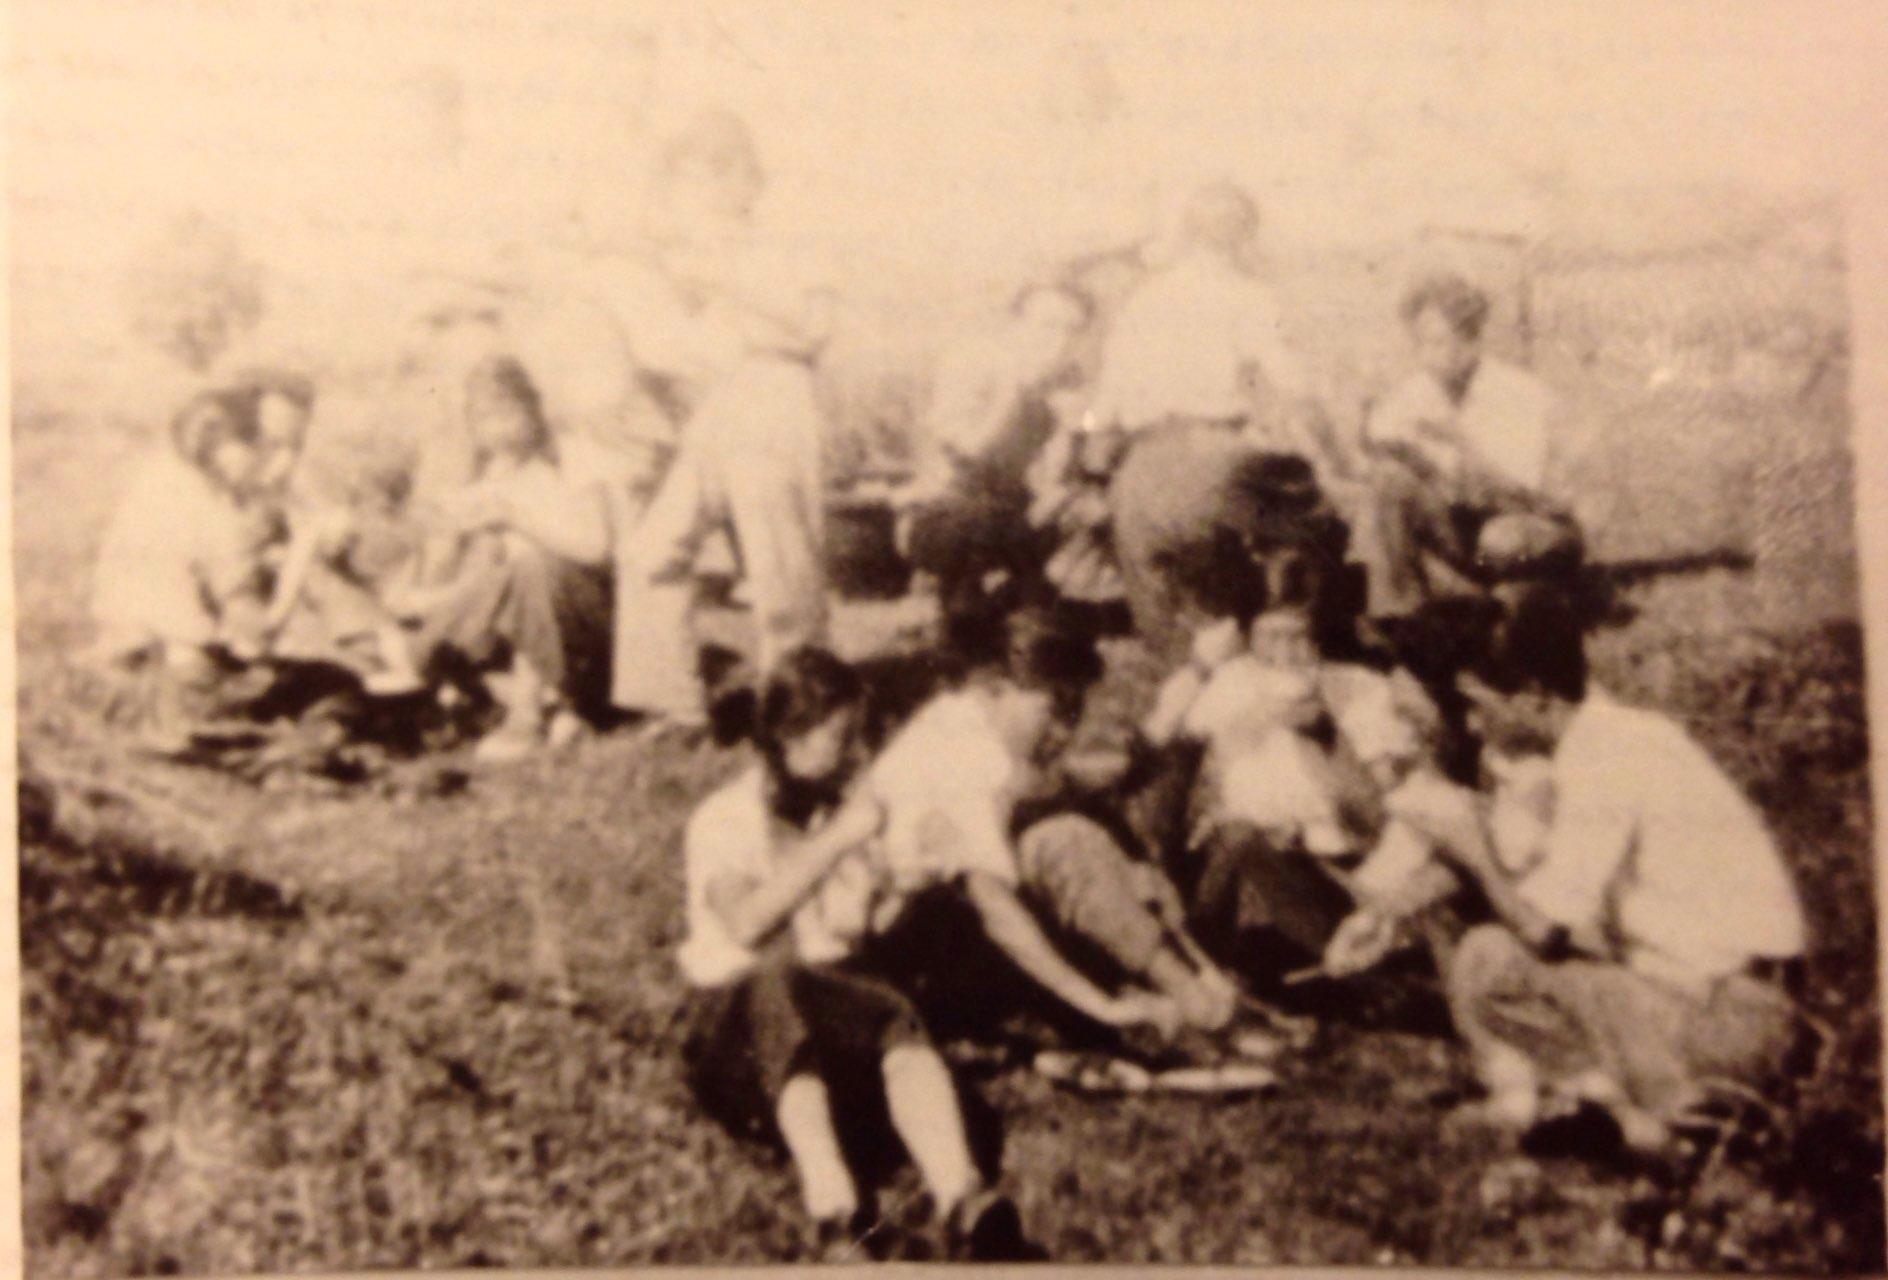 劇宣七隊的隊員在野外席地而坐,幾個人圍在一起,糙米就著一碗青菜就是一頓了。